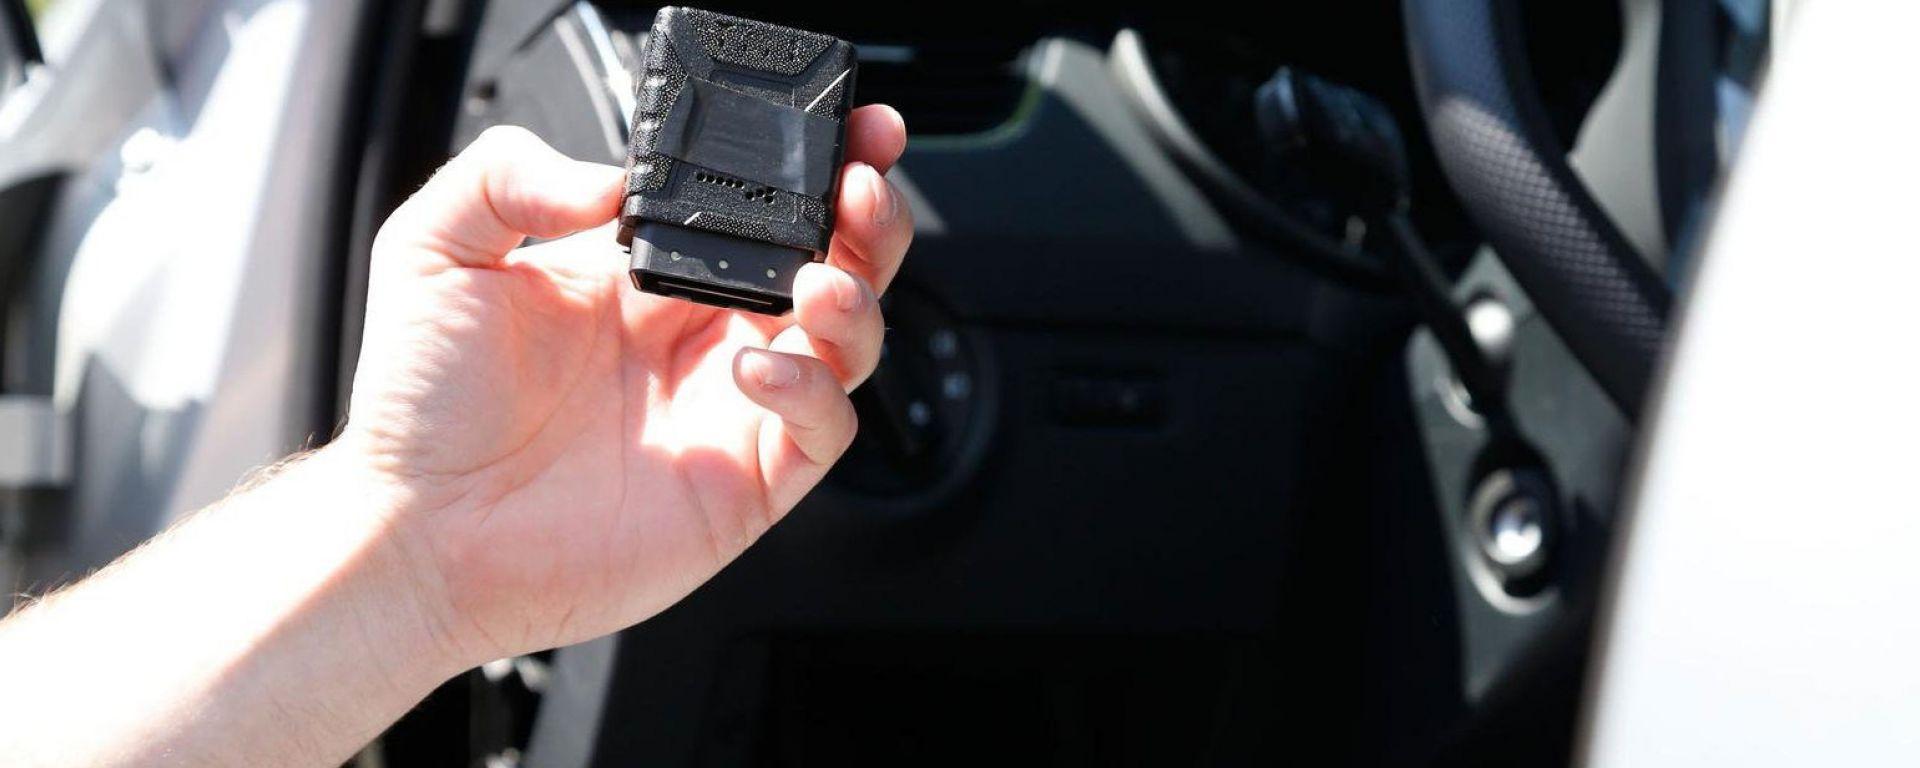 RC Auto e scatola nera, niente più sconto obbligatorio